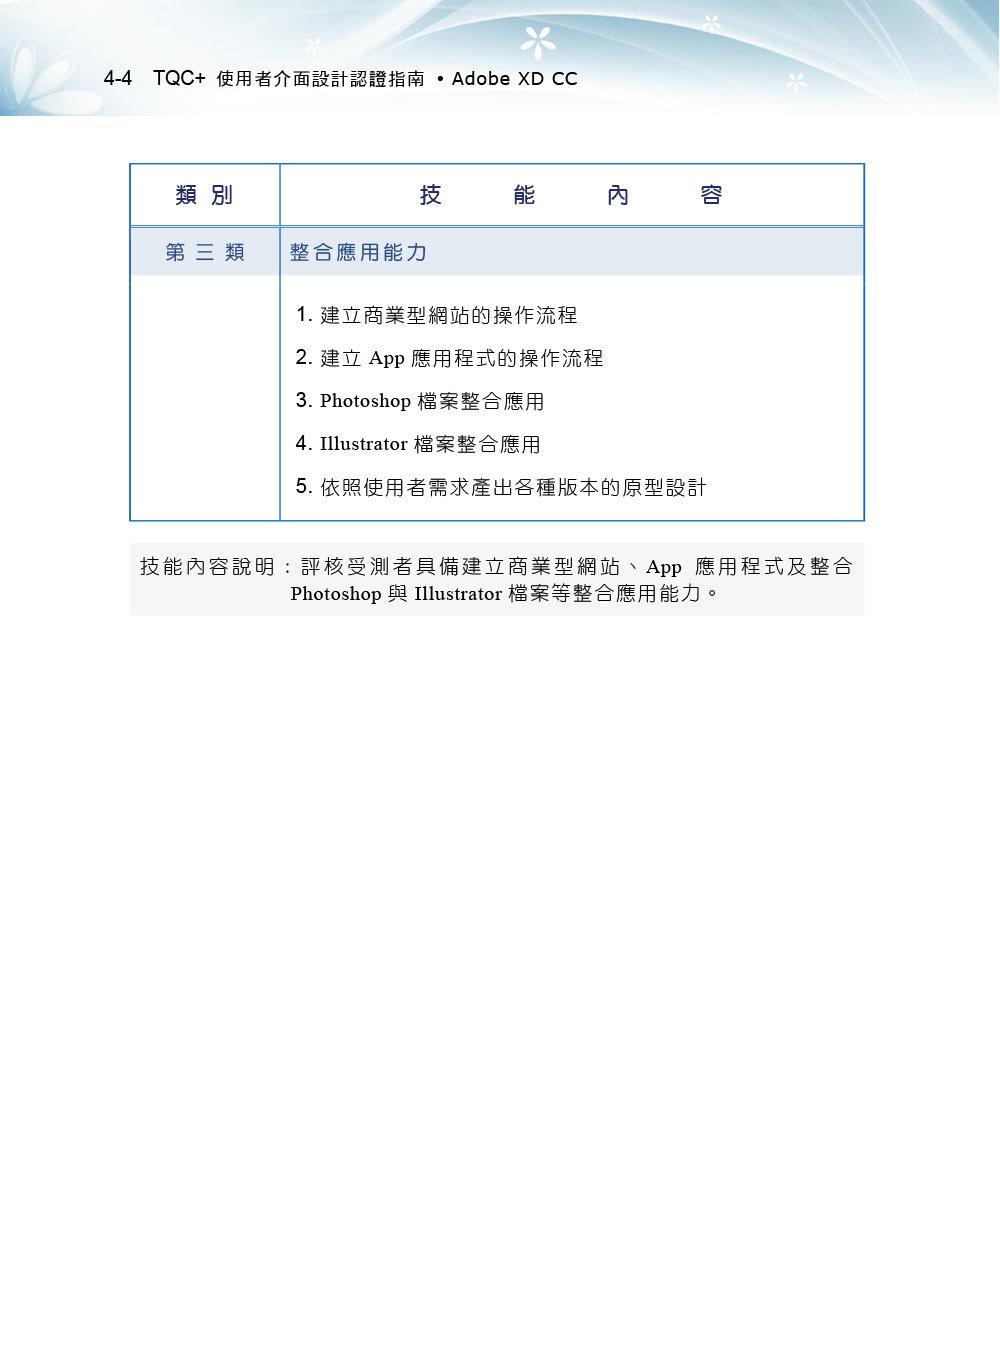 TQC+ 使用者介面設計認證指南 Adobe XD CC-preview-4